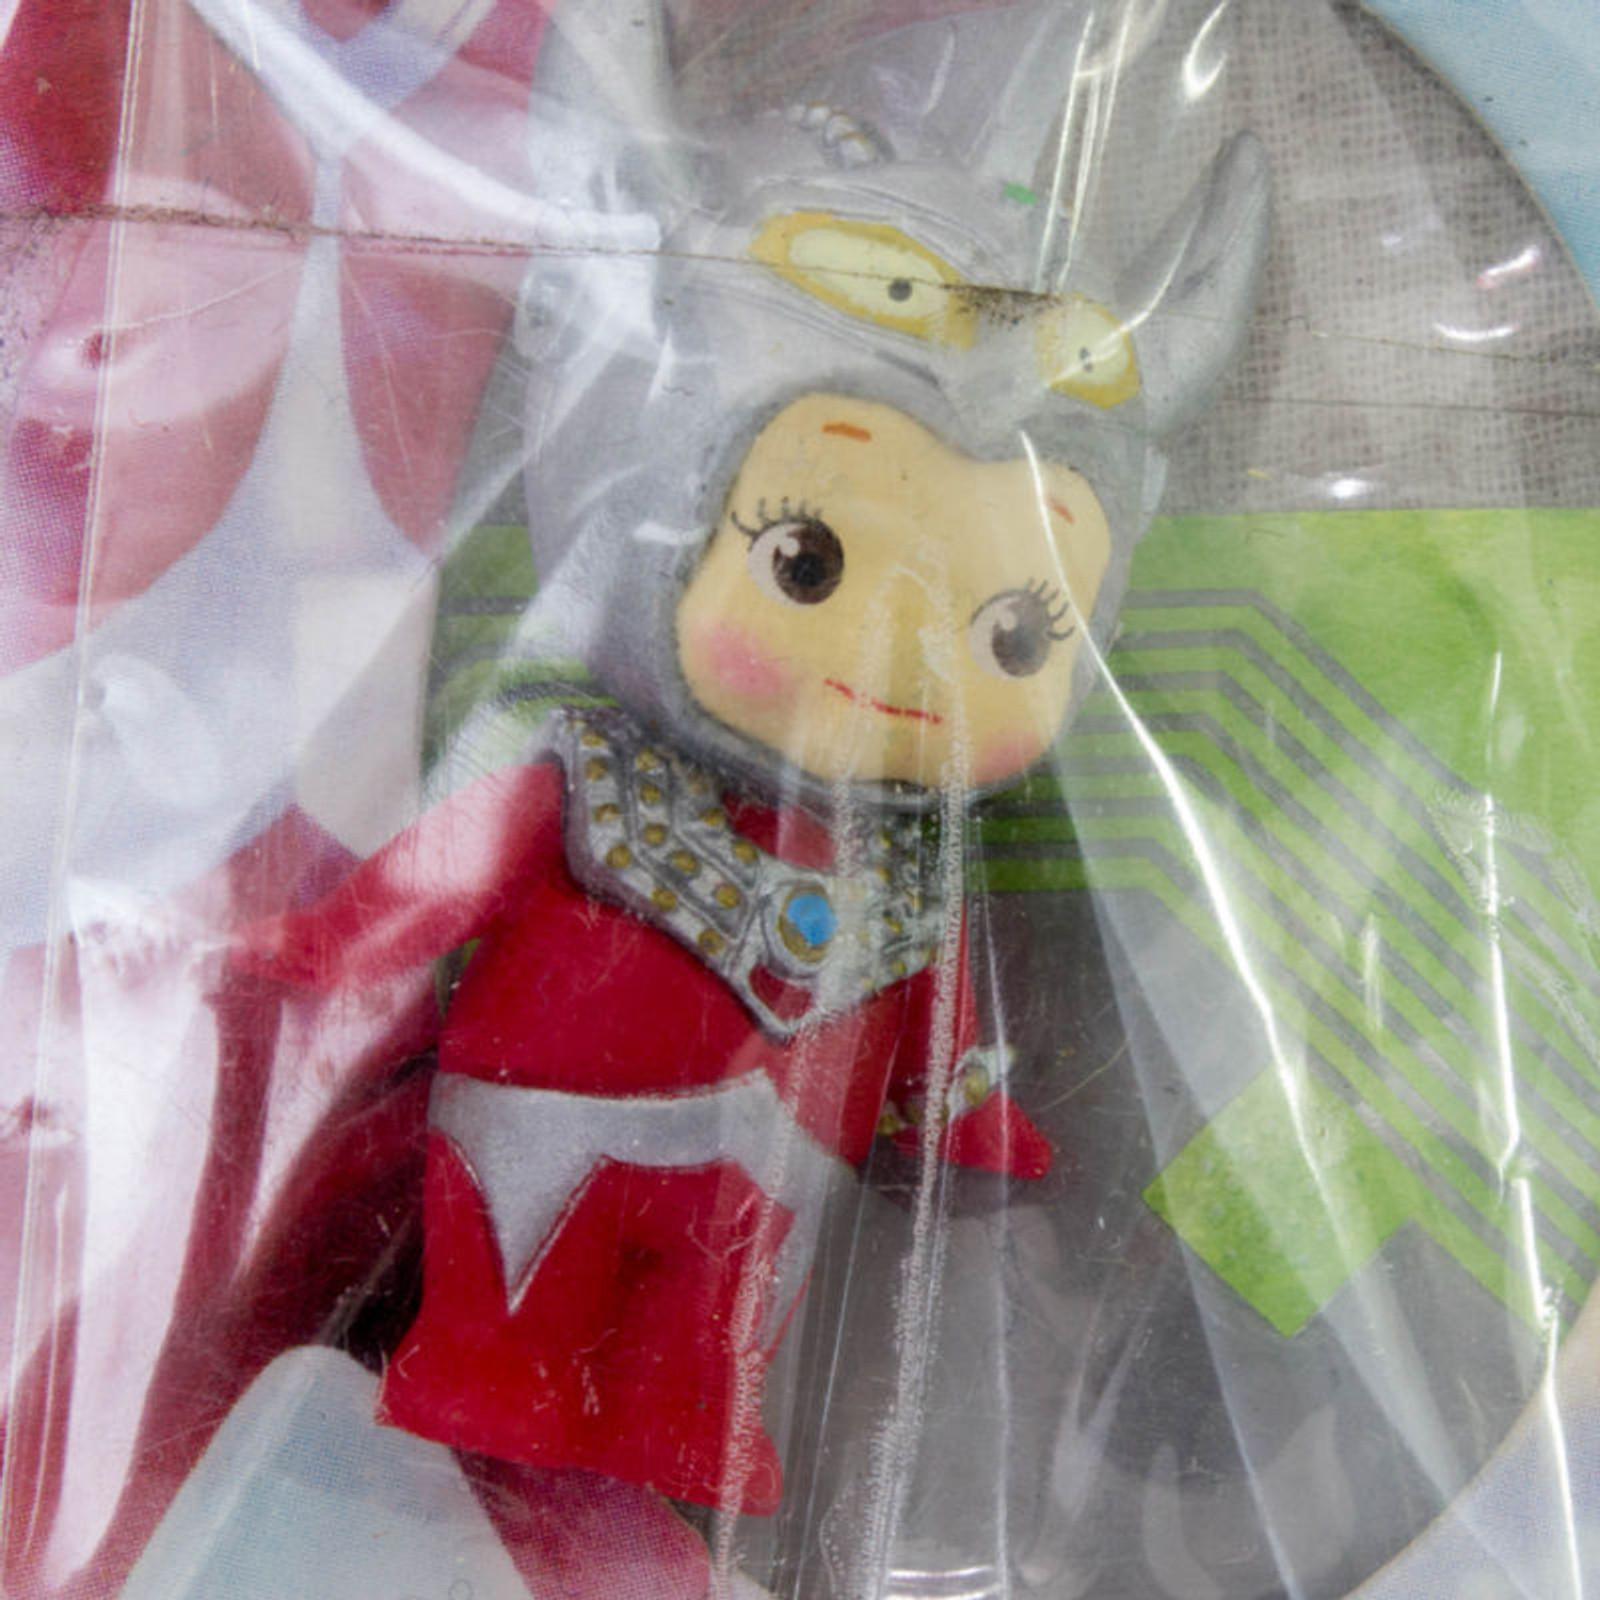 Ultraman Taro Rose O'neill Kewpie Kewsion Figure Strap JAPAN ANIME